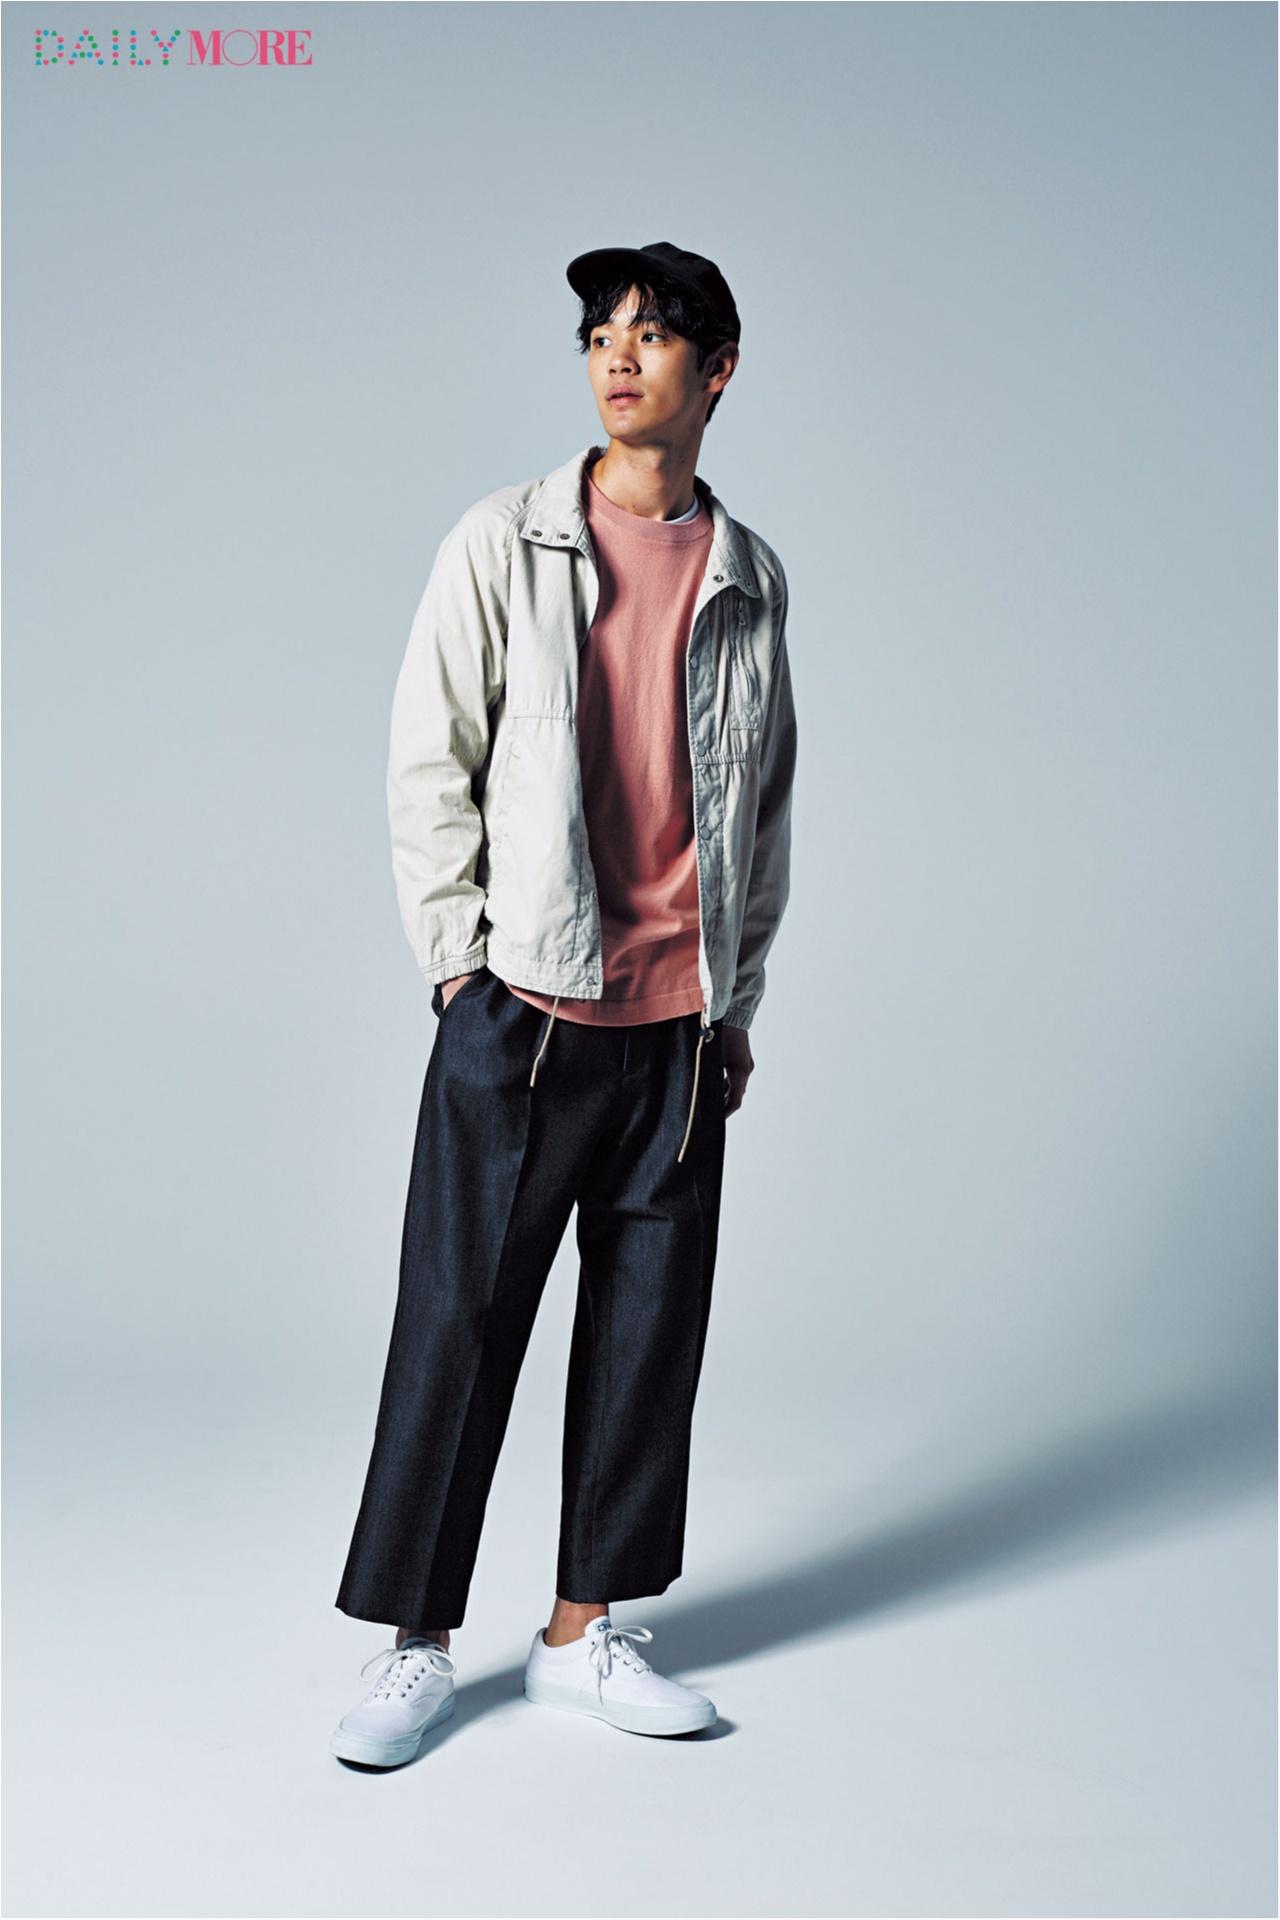 【彼のファッションにお困りのあなた!】モア世代男子にふさわしい「シンプルだけどこなれてる」コーデをメンズスタイリストが伝授します☆_2_2